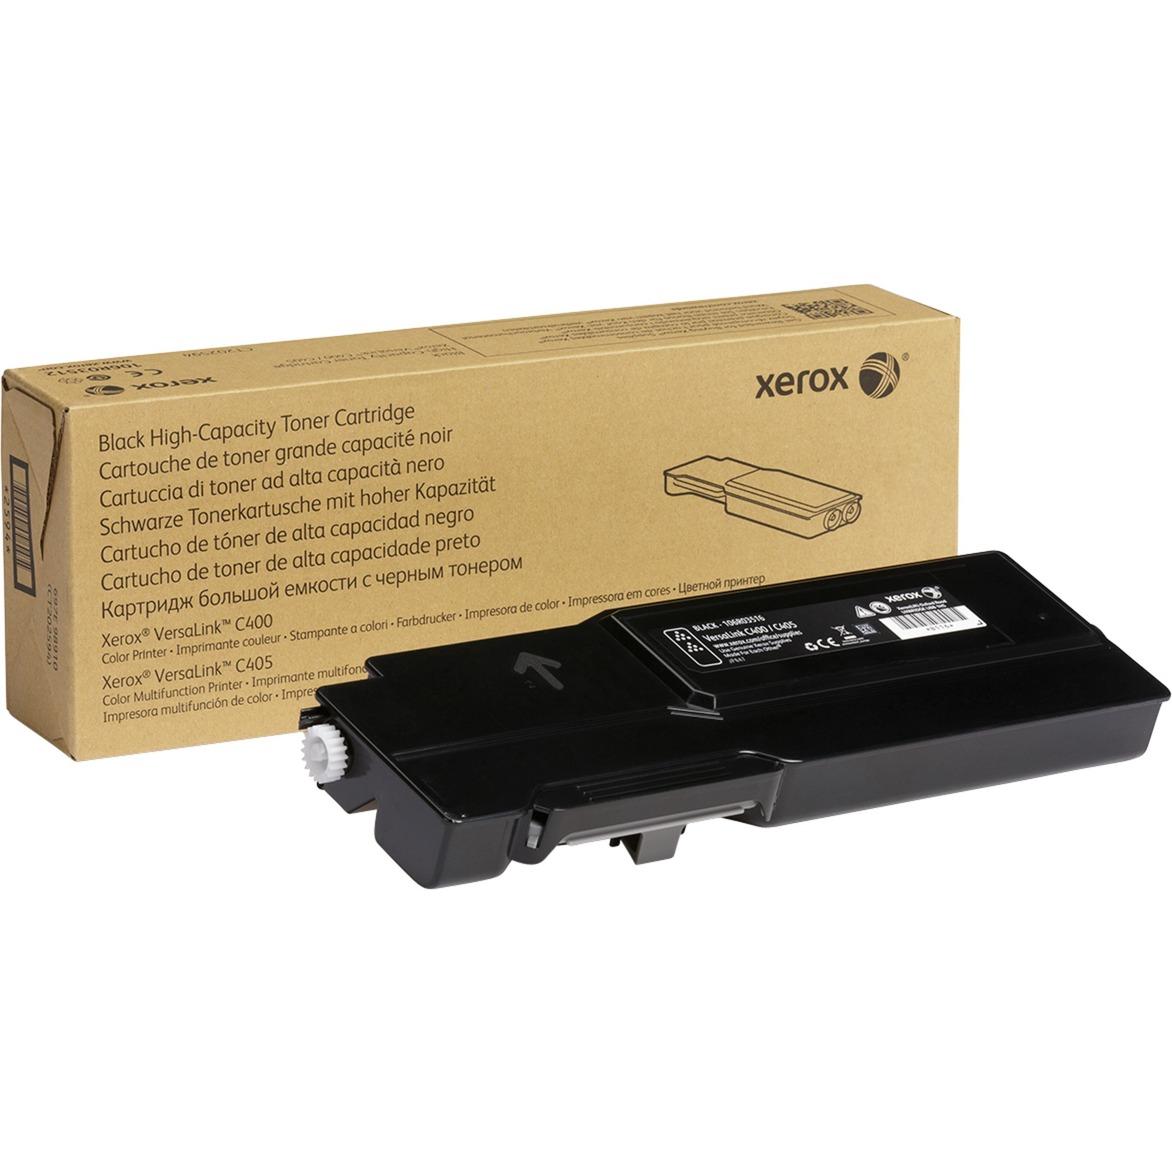 VersaLink C400/C405 cartucho de tóner negro de alta capacidad (5000 páginas)